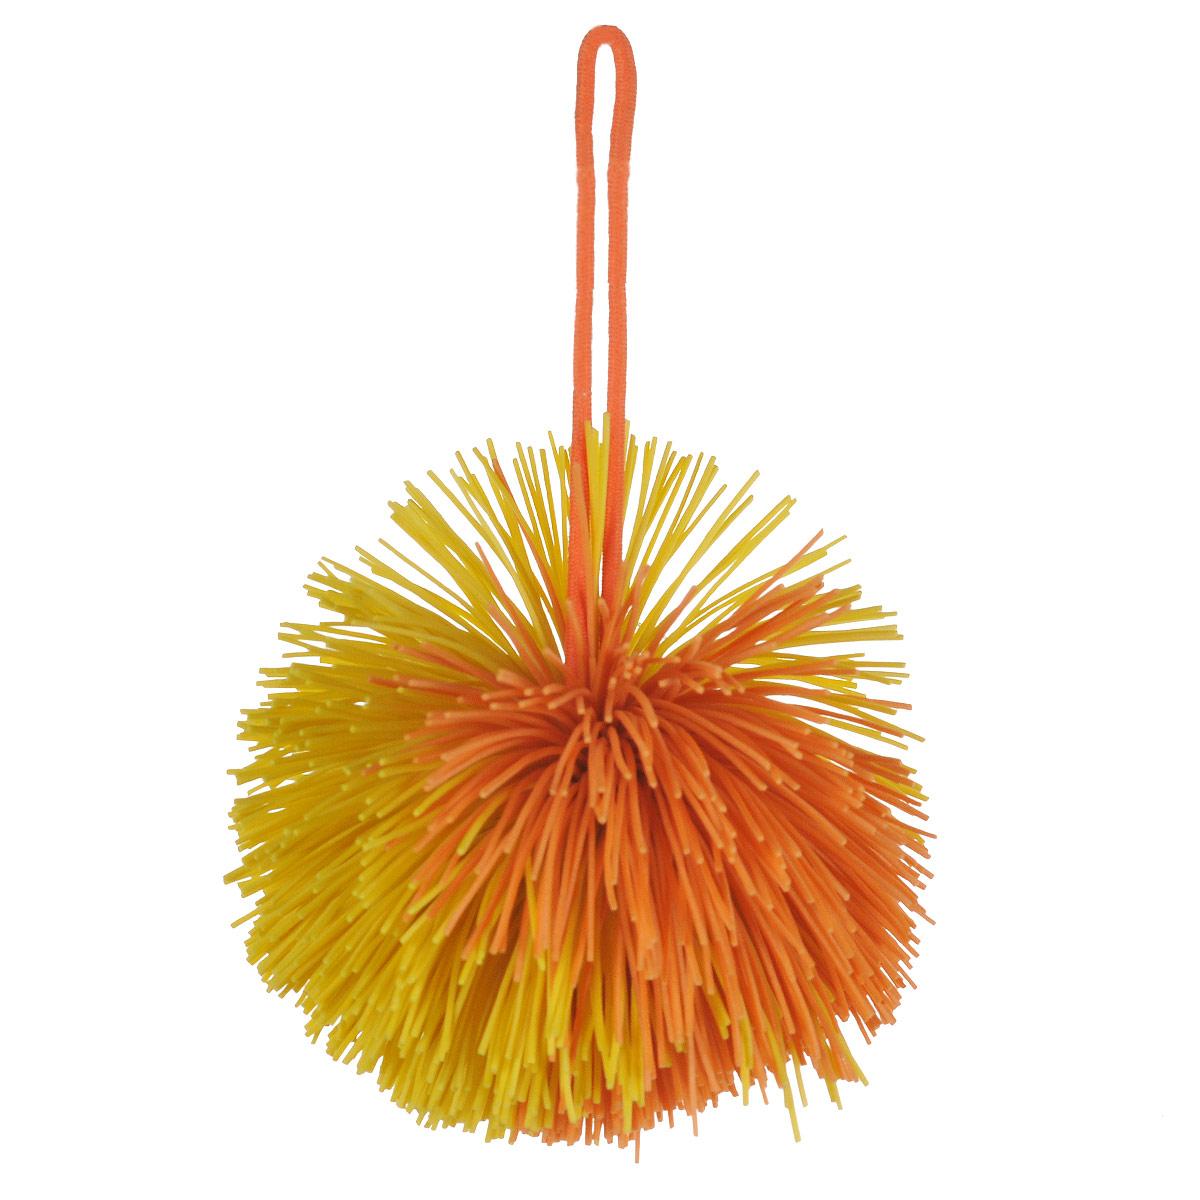 Мяч Ogosoft, цвет: желтый, оранжевыйOG0401